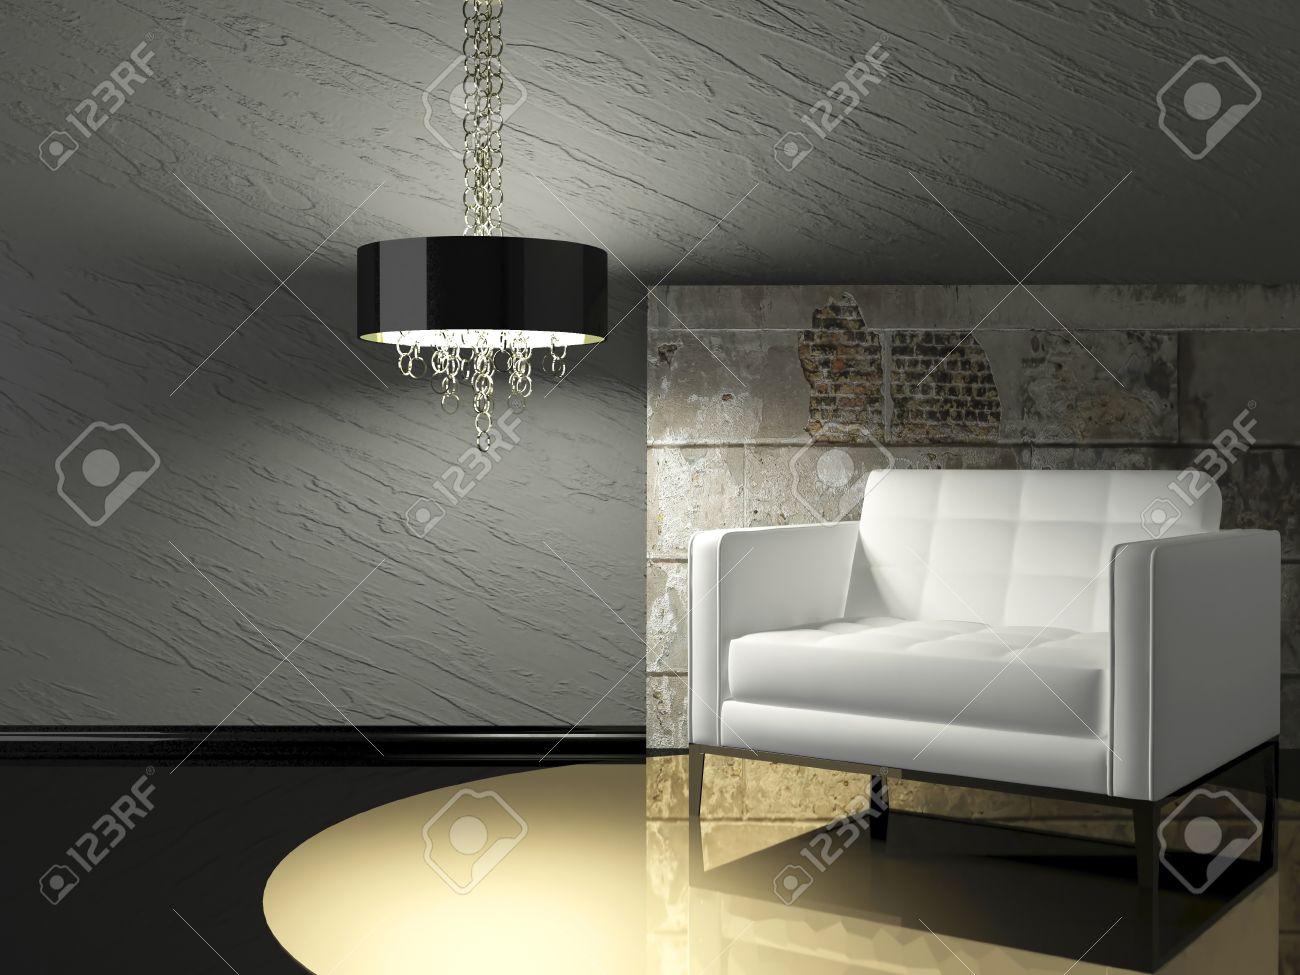 Dark design intérieur de salon moderne avec fauteuil blanc et mur ...